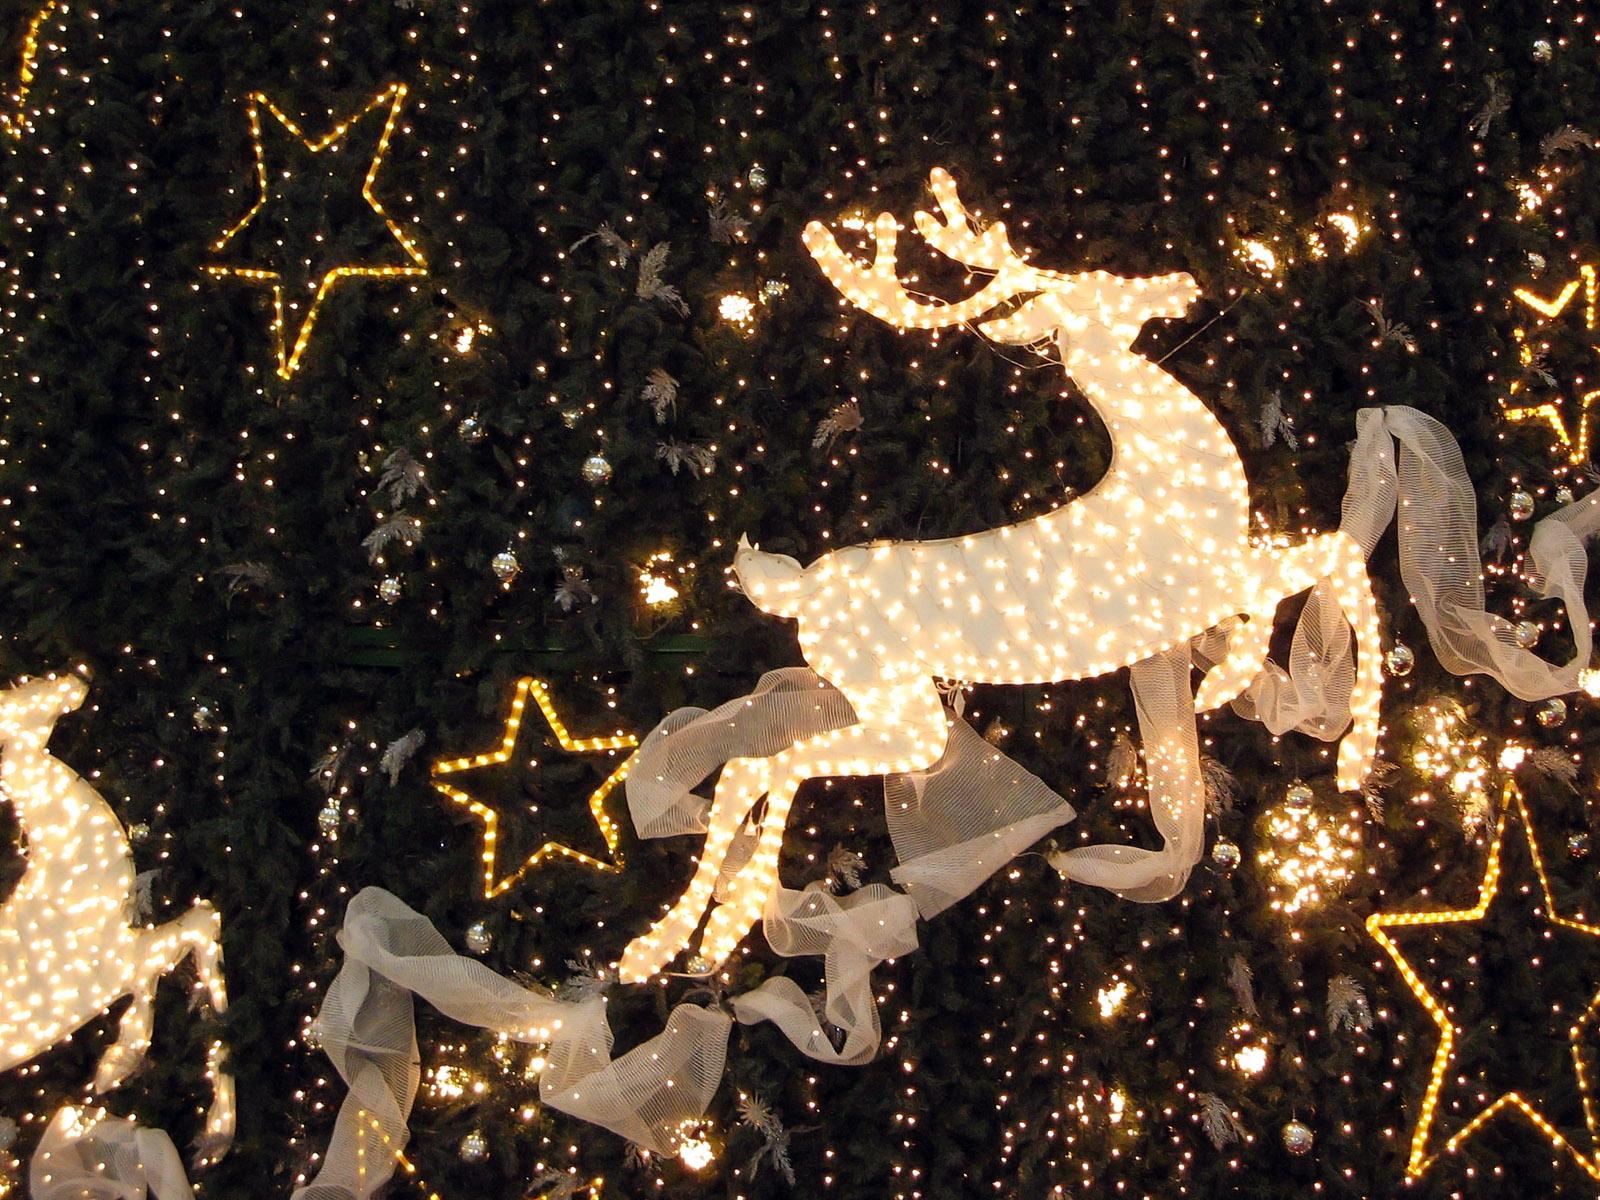 christmas wallpaper hd,reindeer,deer,christmas lights,christmas decoration,christmas ornament